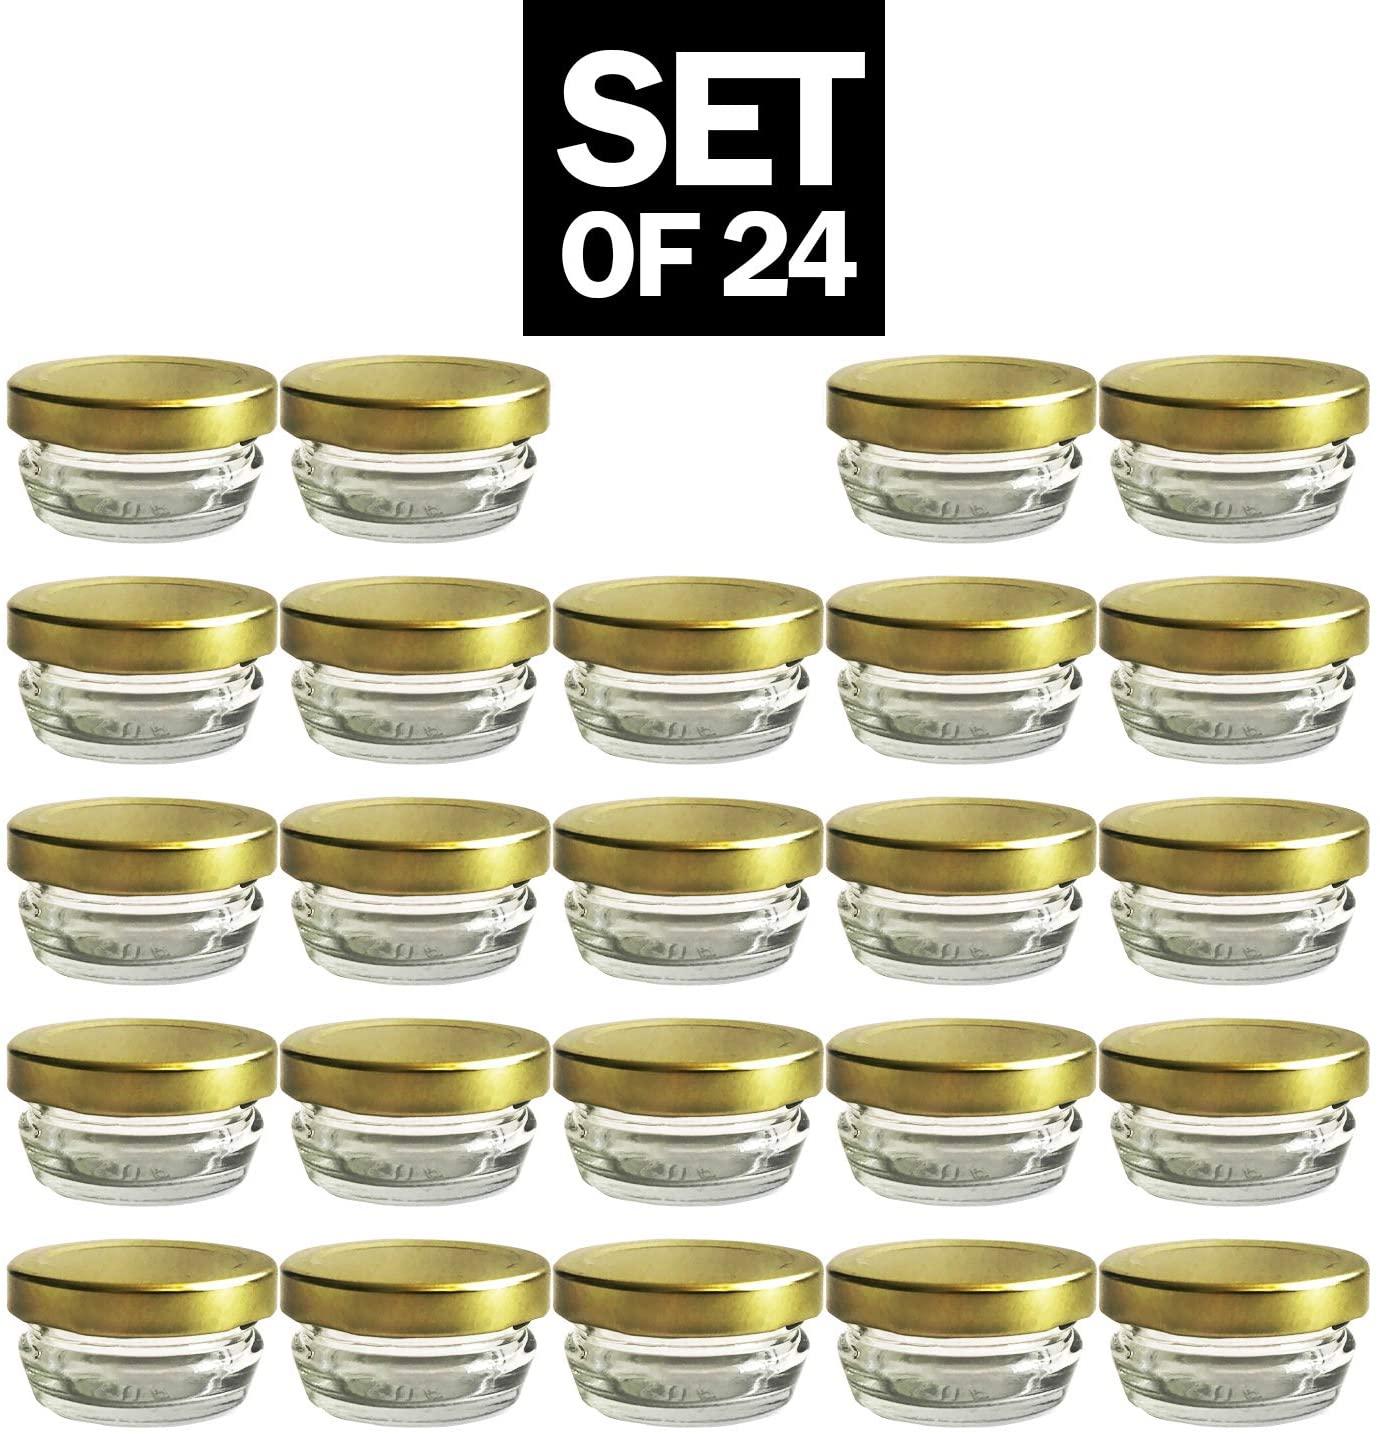 Small Mini Glass Jars With Tin Lids - 24 pack x 1 oz – All Purpose Empty Storage Jars